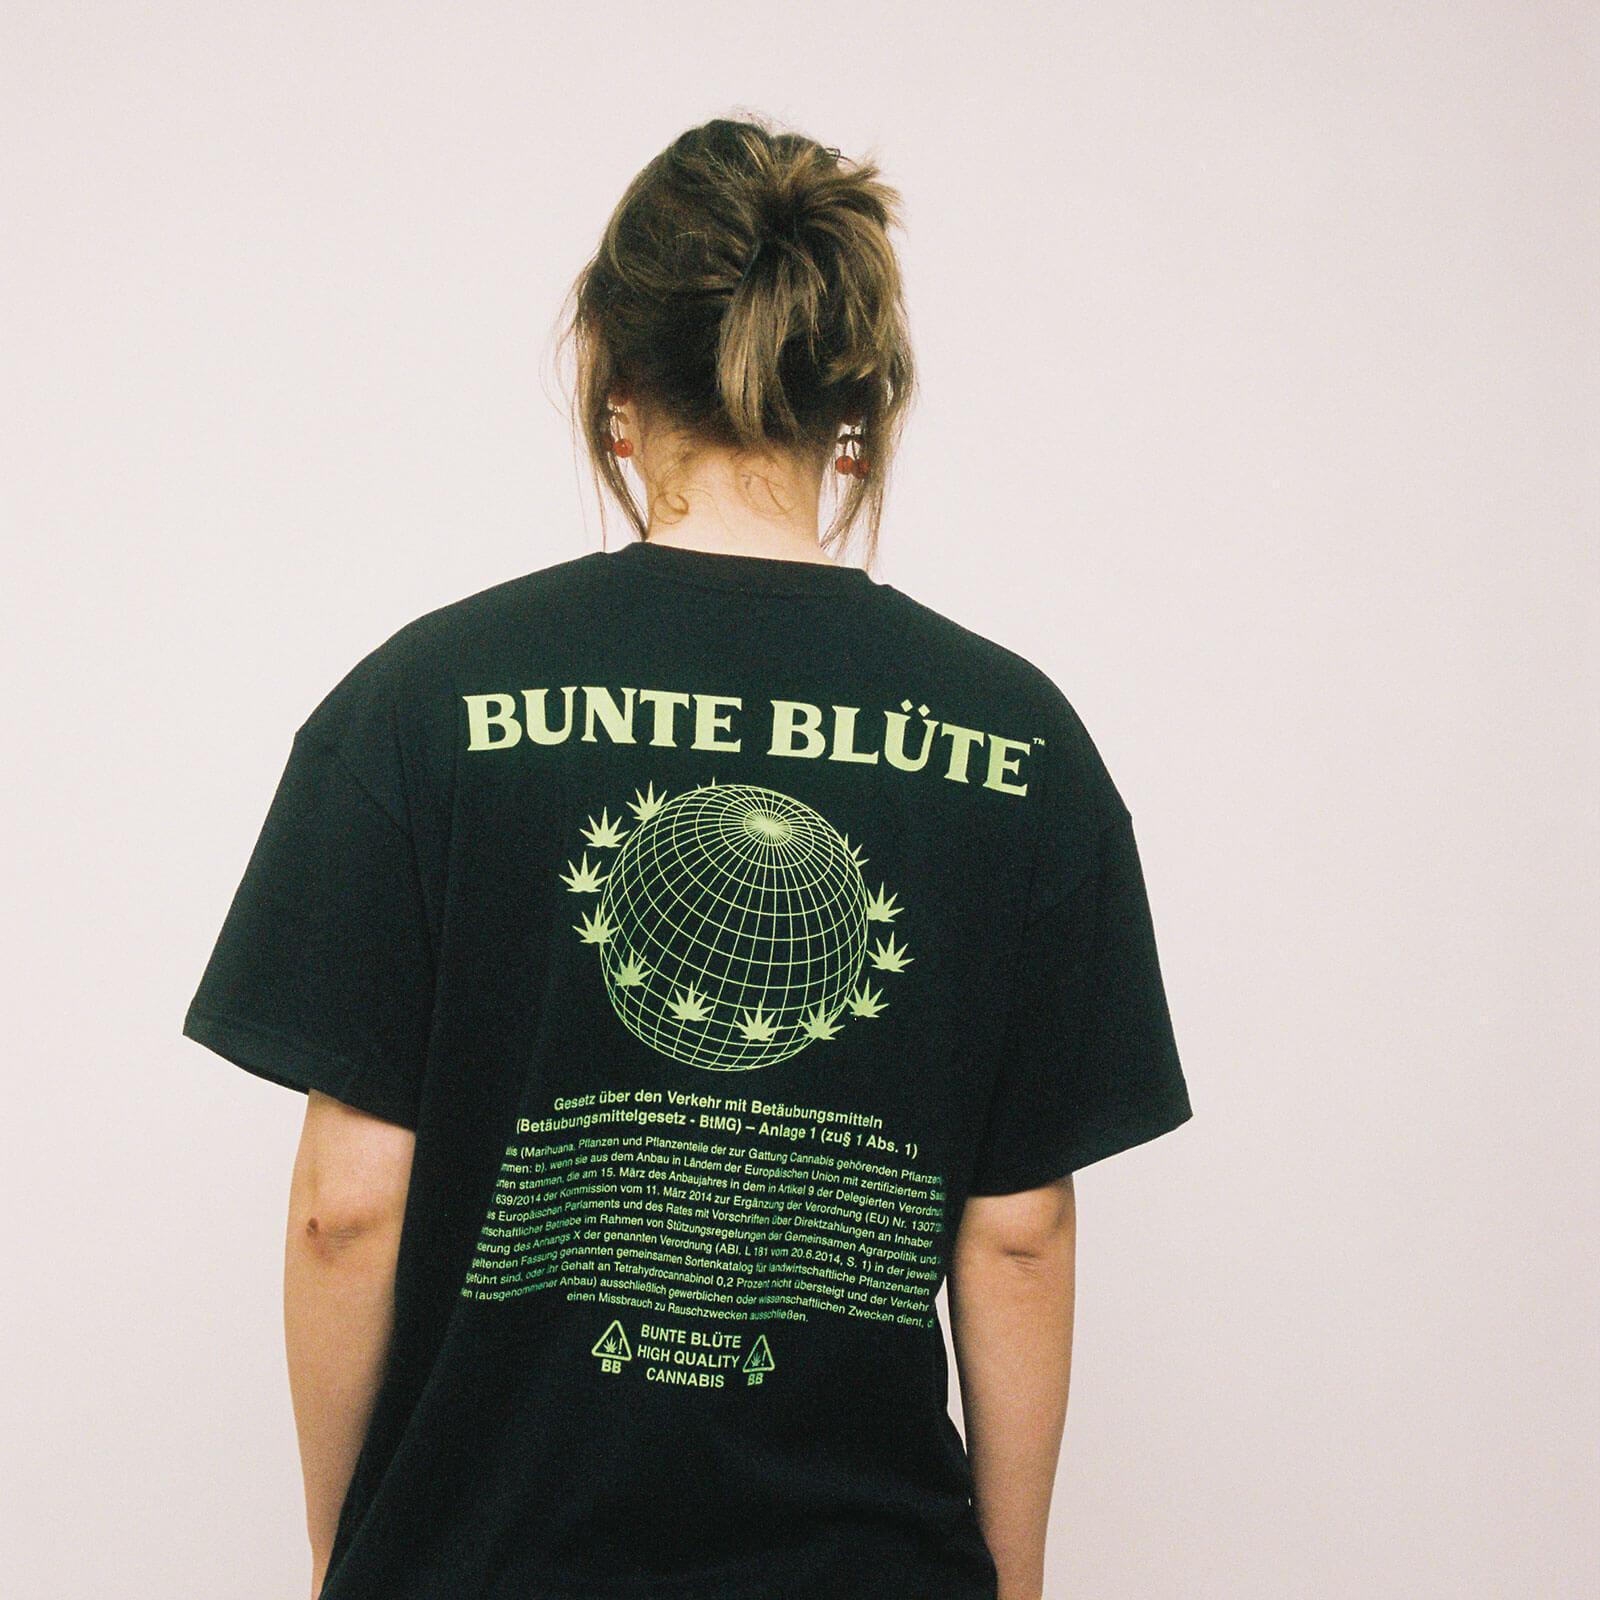 bunte-bluete-cbd-cannabis-merch-tshirt-nutzhanfparagraph-schwarz-hinten-damen-kaufen